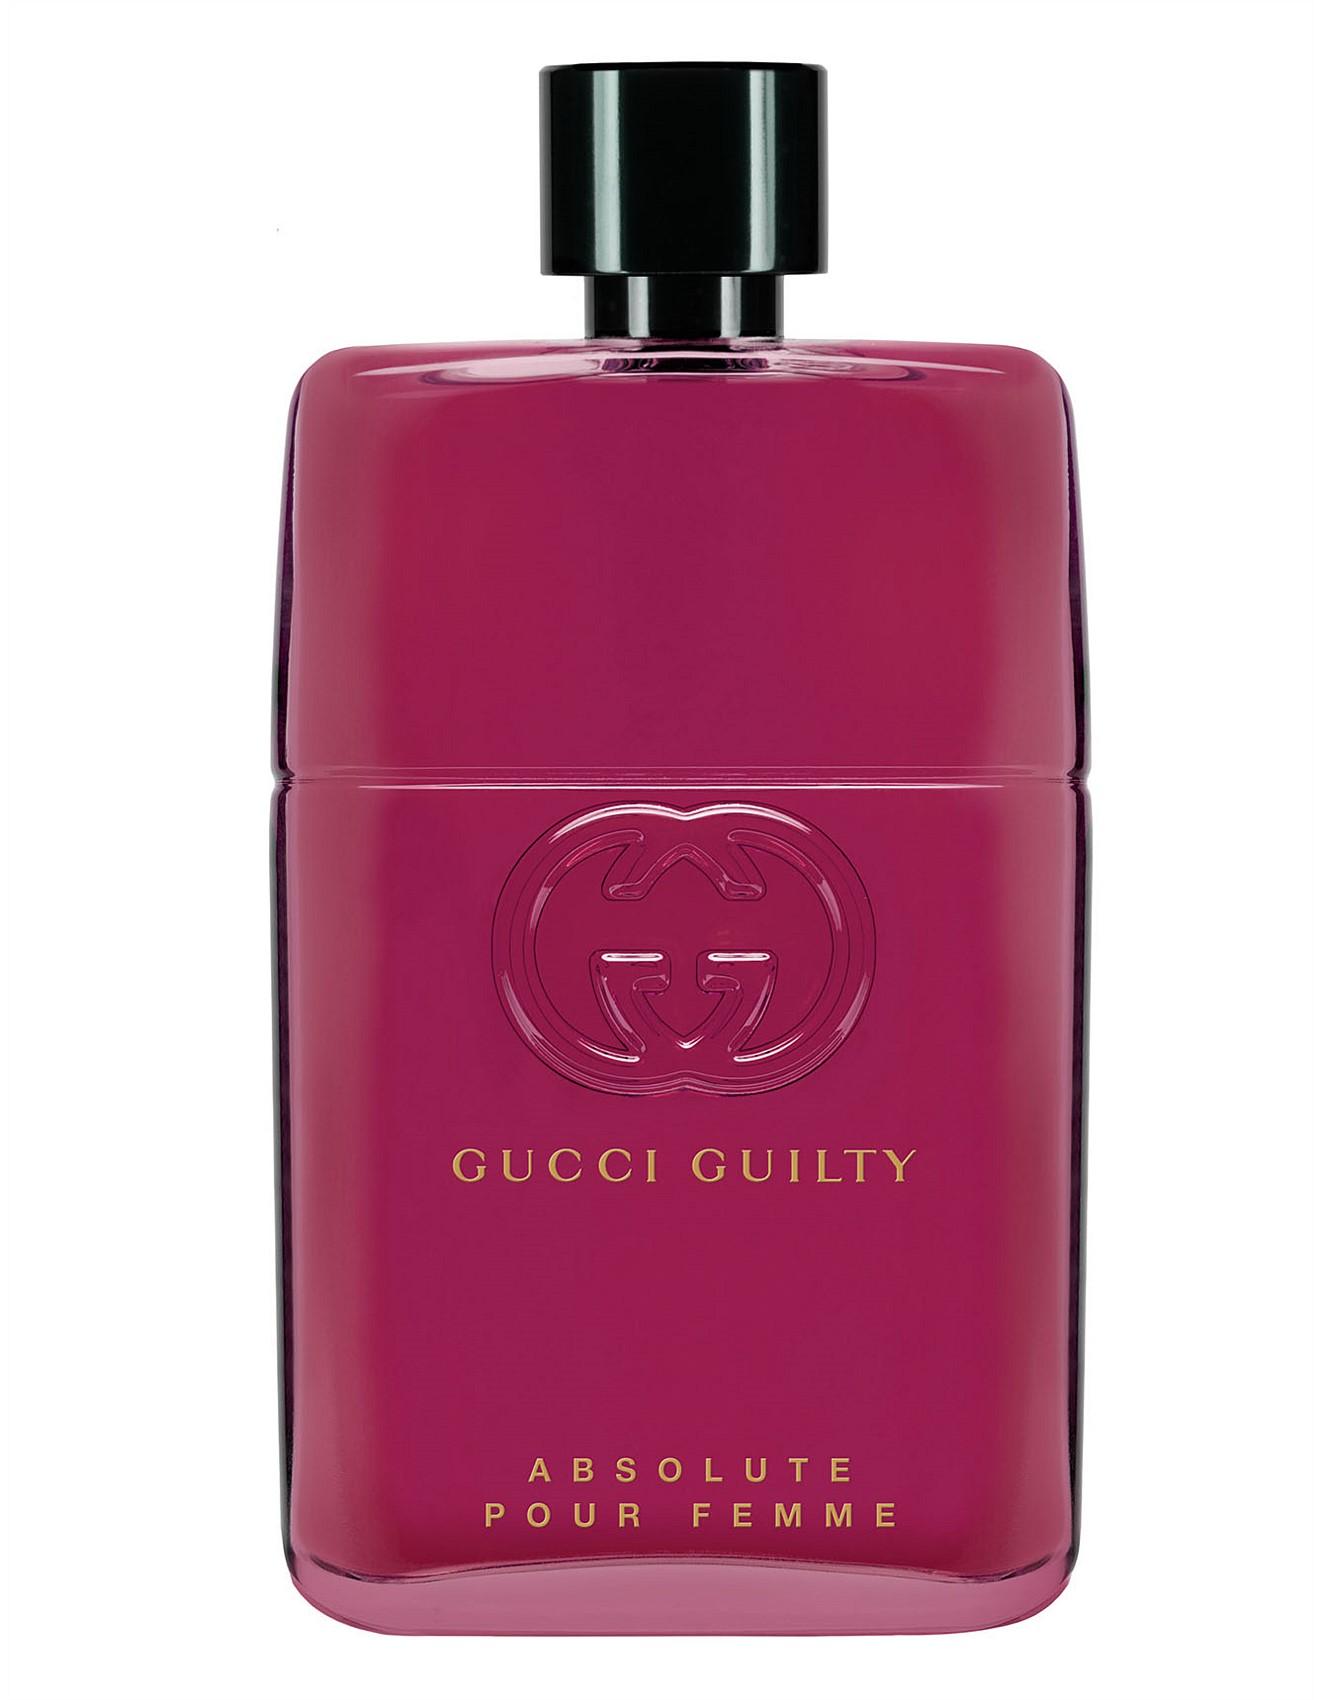 Gucci Guilty Absolute Pour Femme Гуччи Гилти Абсолют для женщин